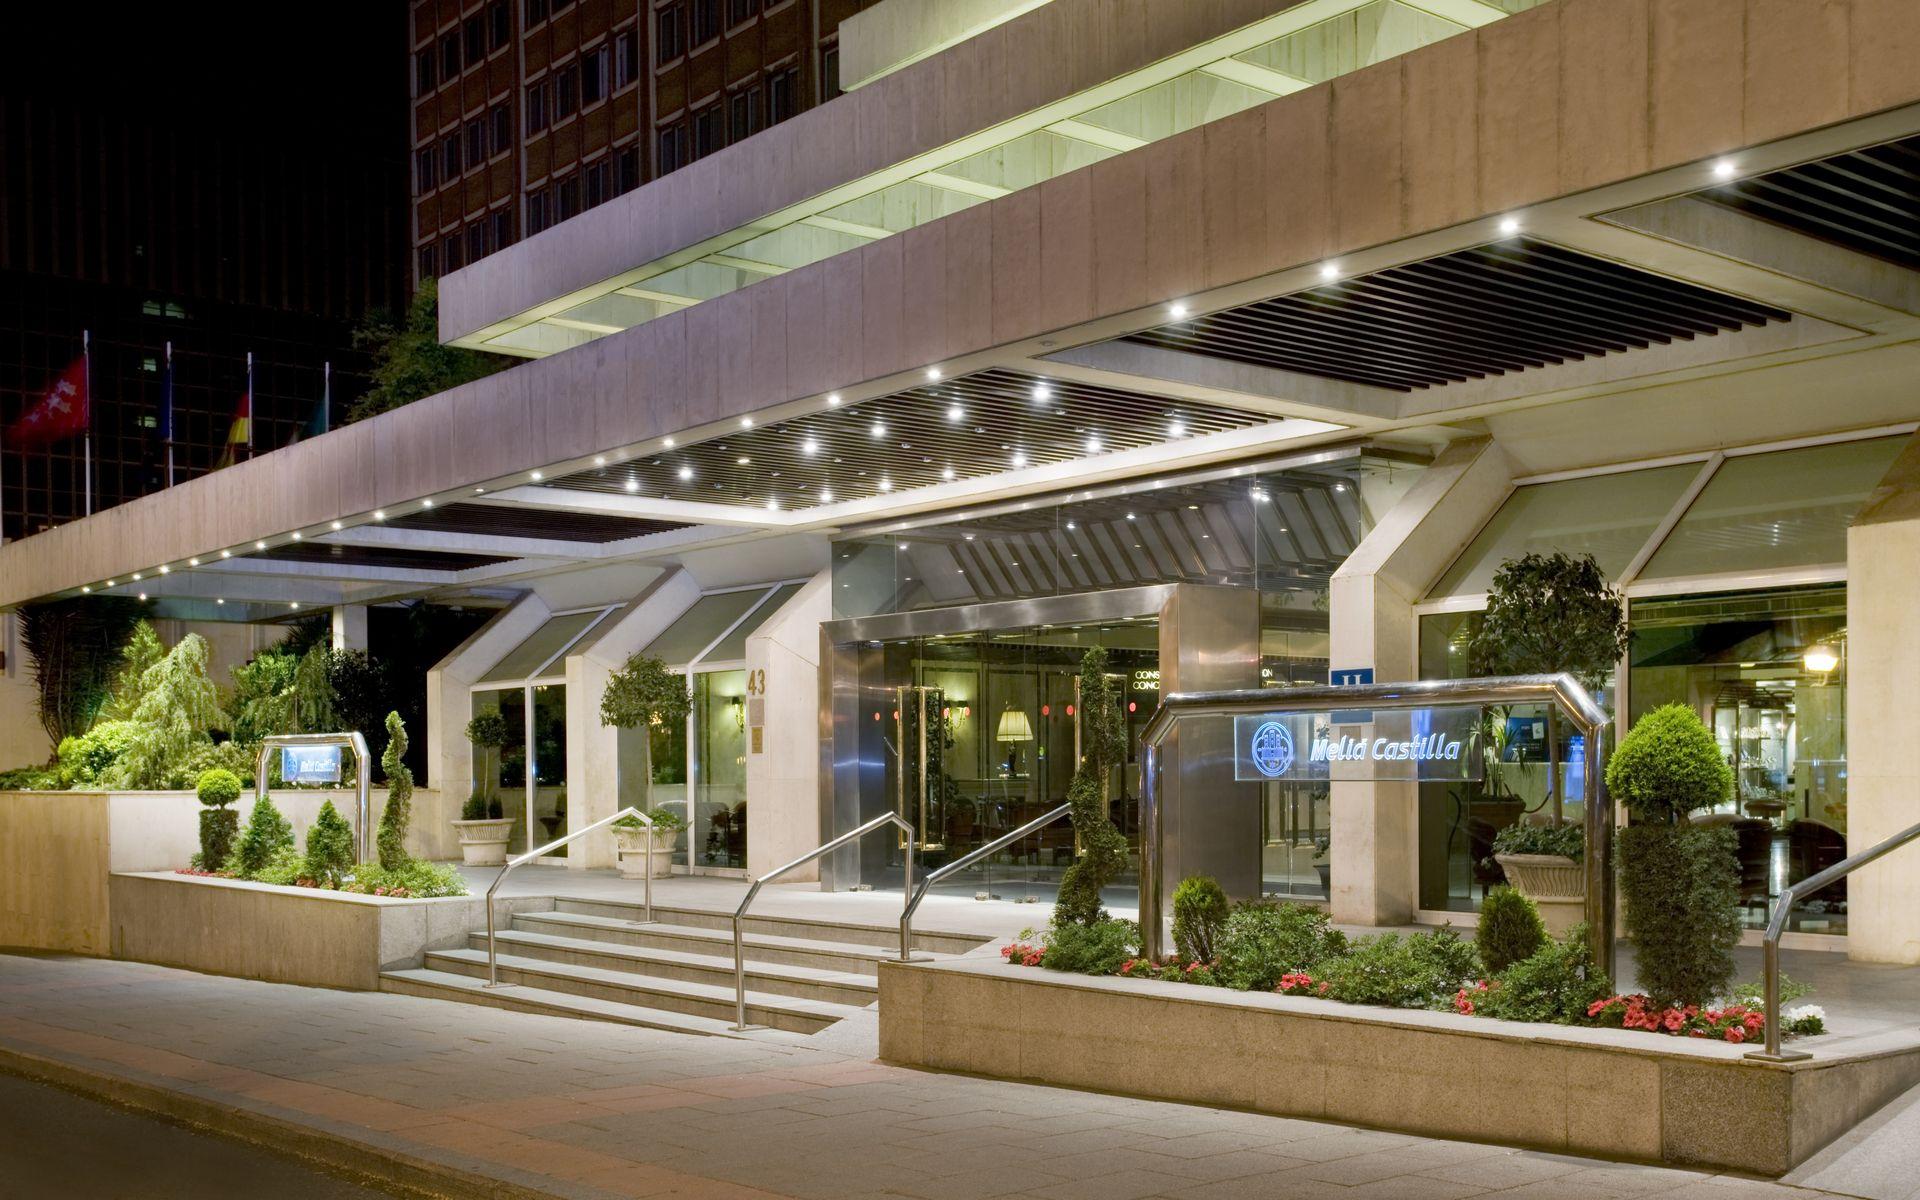 THE LEVEL AT MELIA CASTILLA - Hotel cerca del Centro Comercial La Vaguada